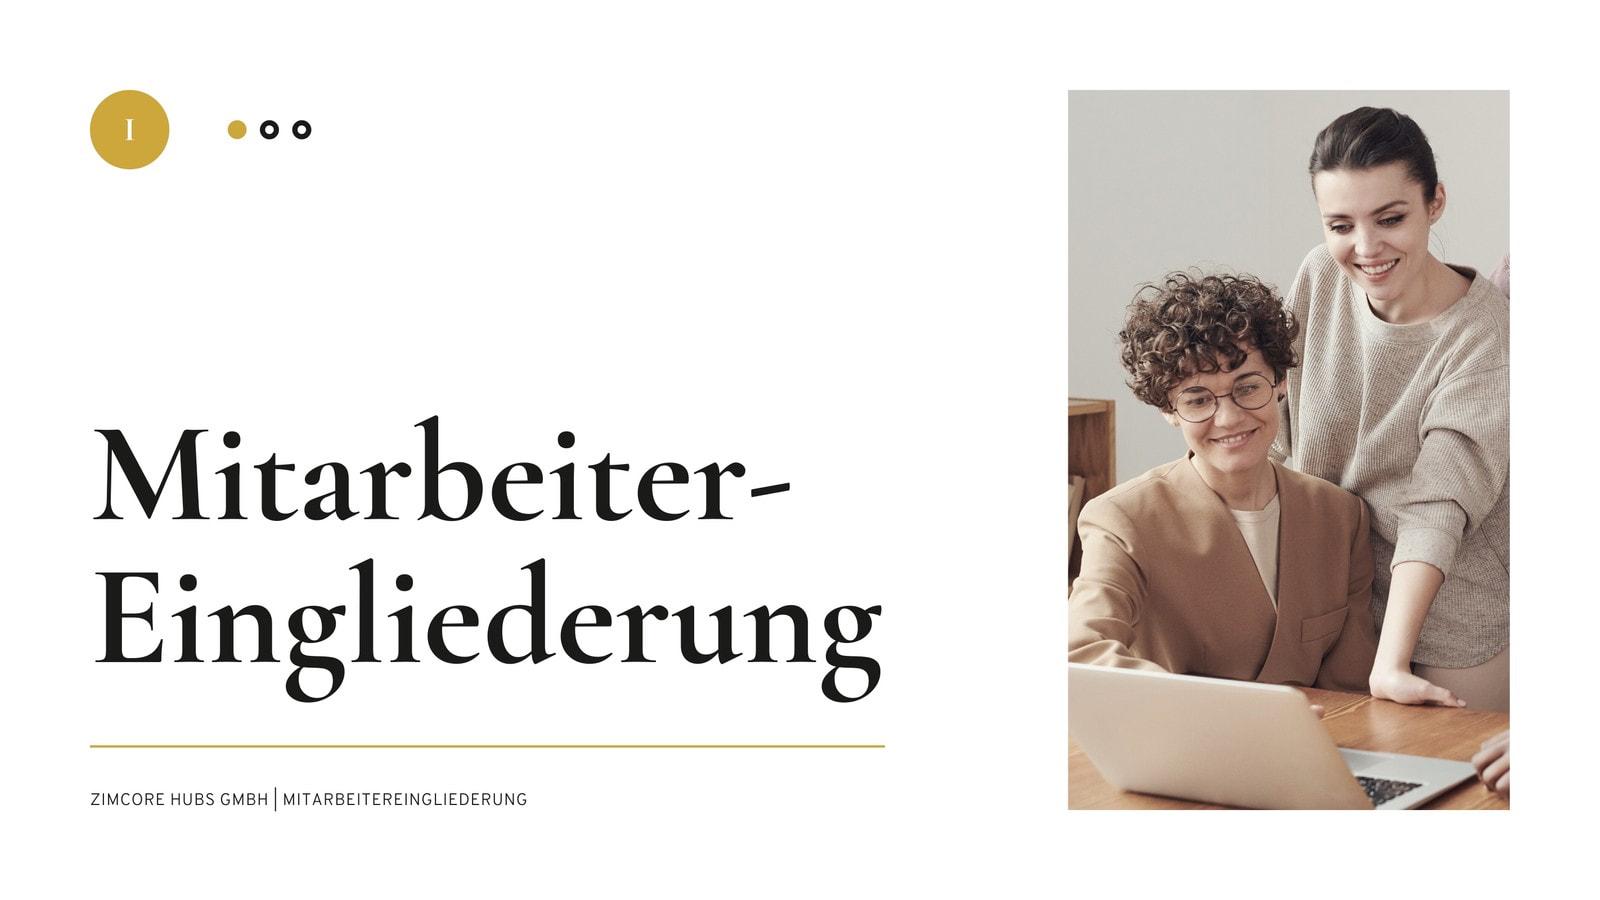 Weiß Schwarz und Beige Minimalistisch Elegant Neueinstellung Ressourcen Unternehmen Präsentation